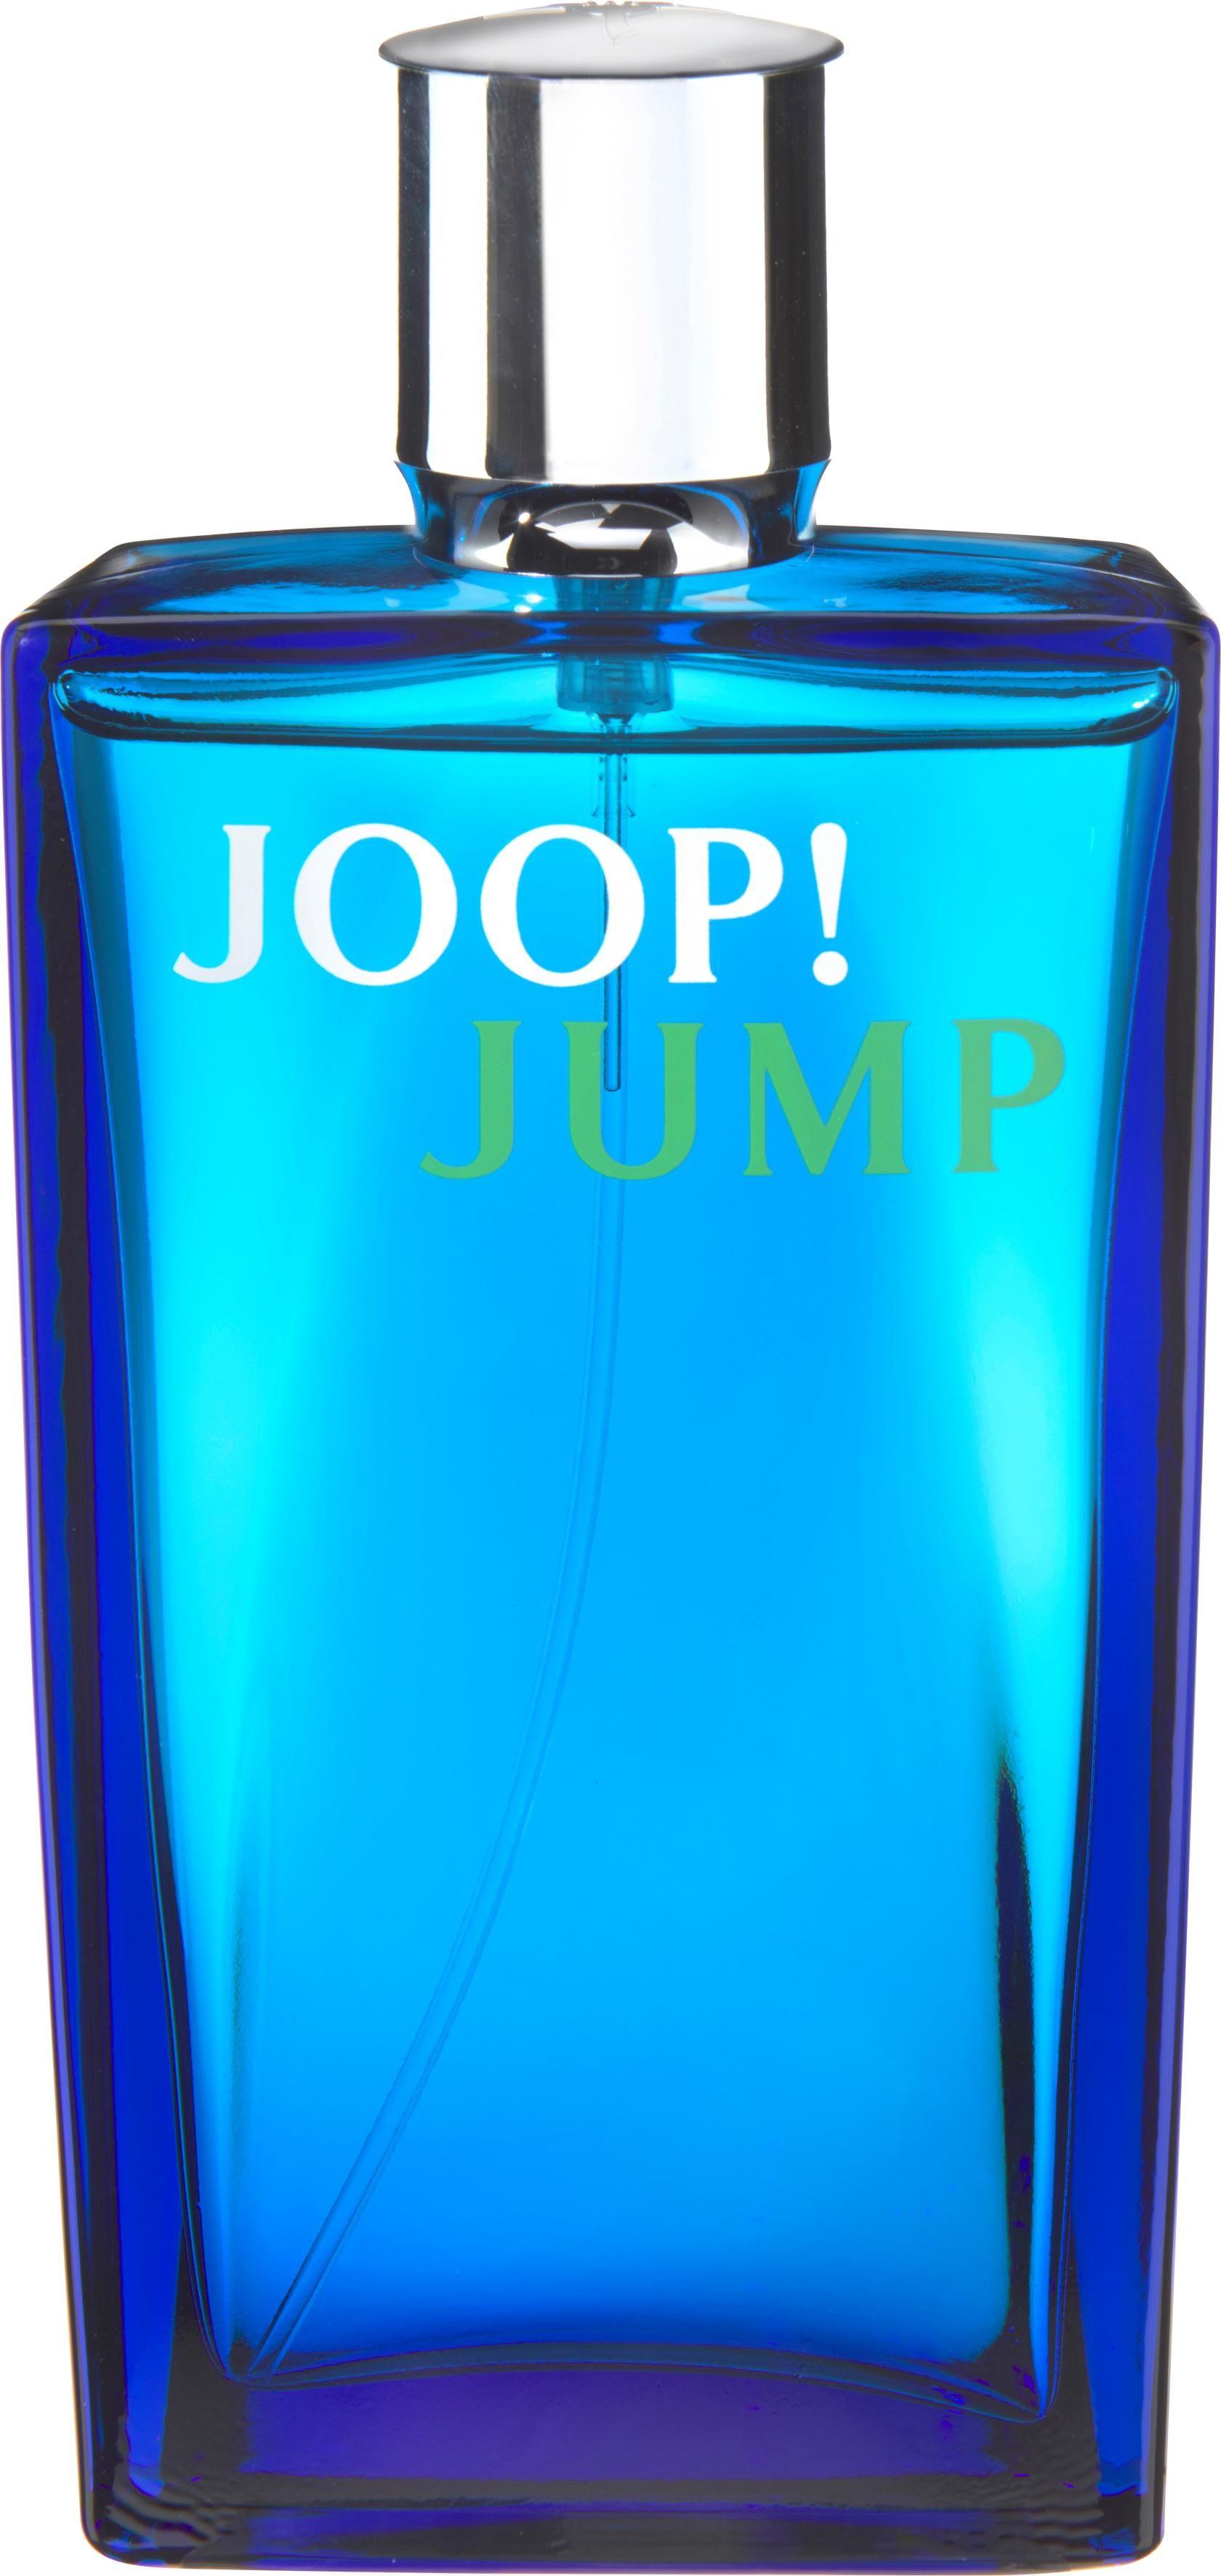 joop! - Joop Eau de Toilette Jump